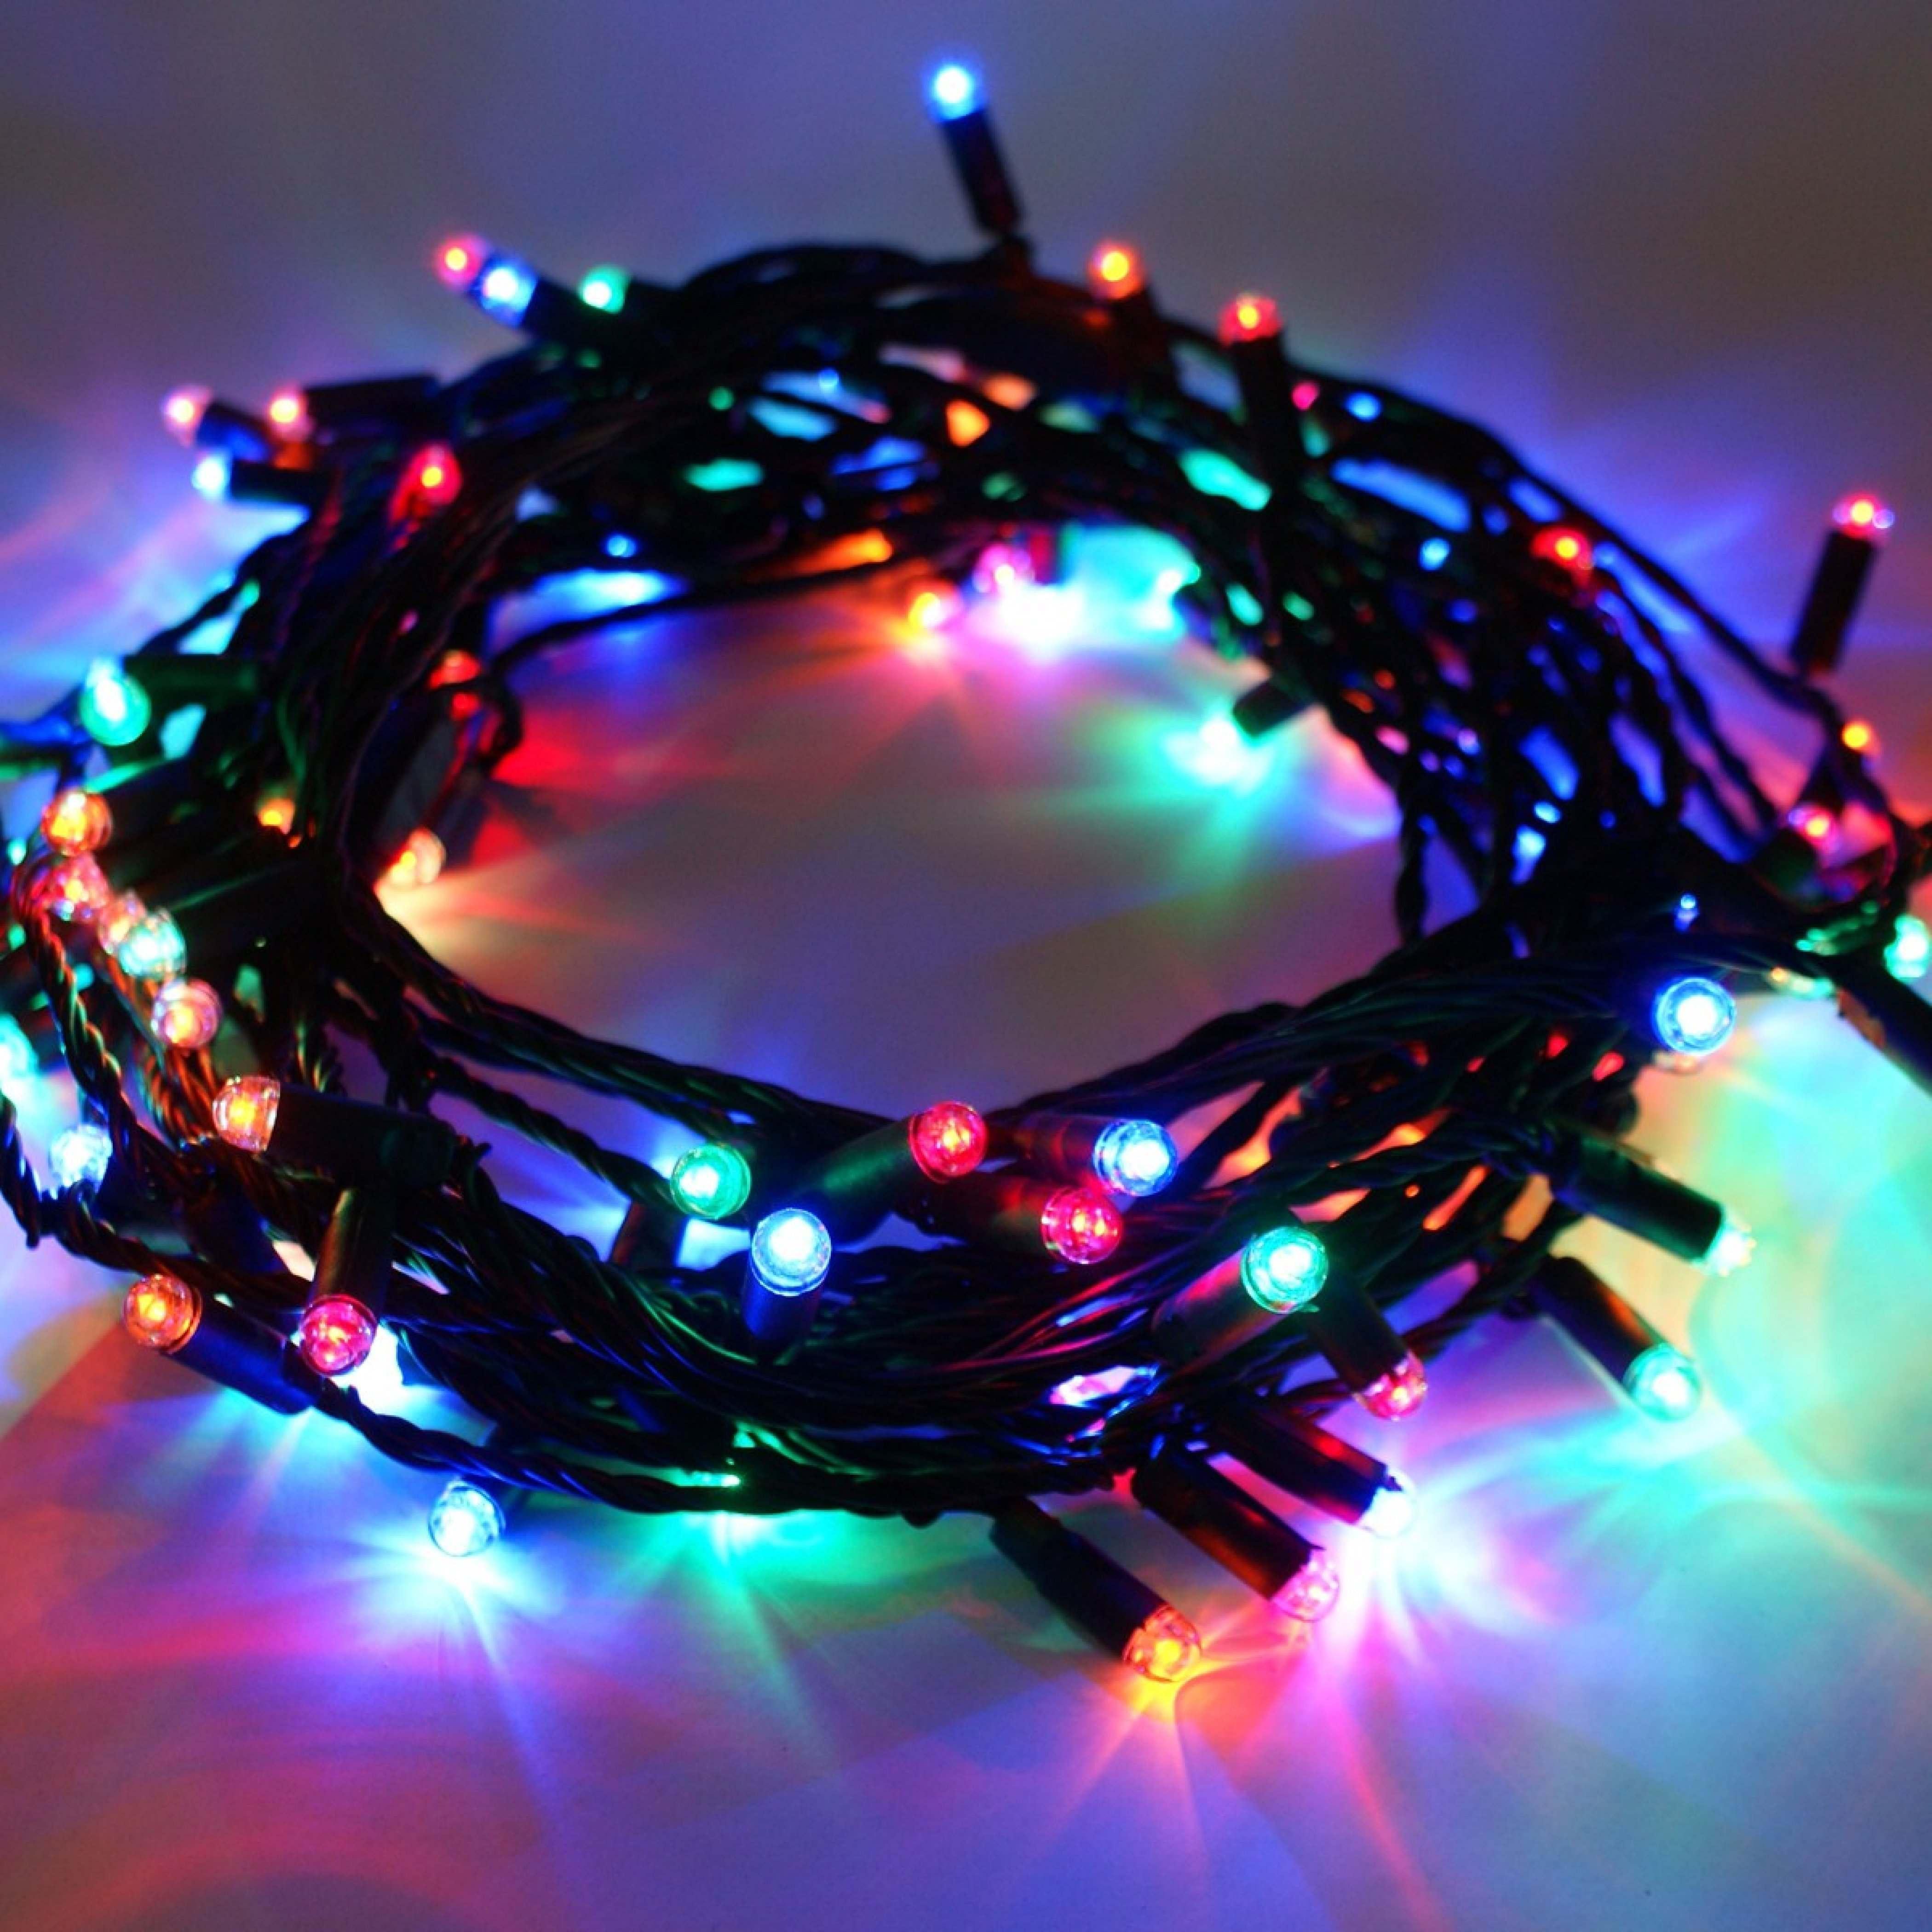 Buy Christmas Lights Christmas Lighting From Festive Lights